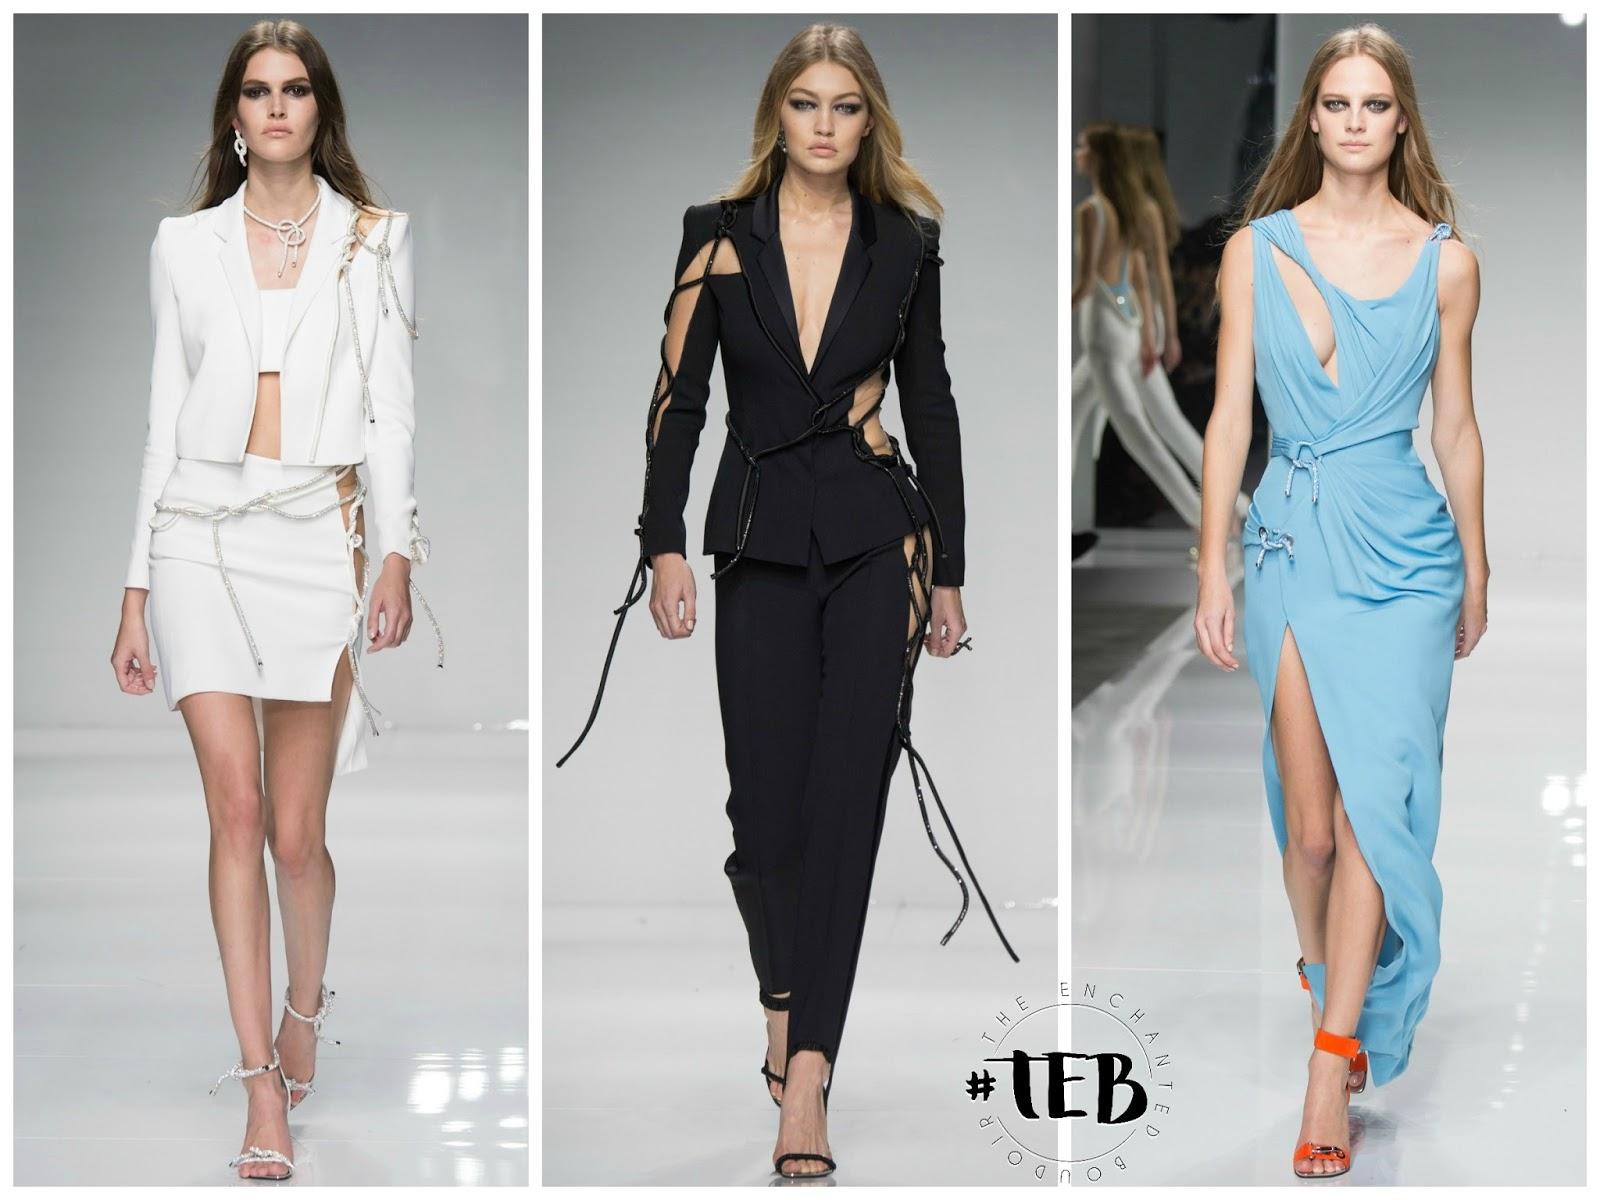 atelier-versace-couture-spring-2016-fashion-show-paris